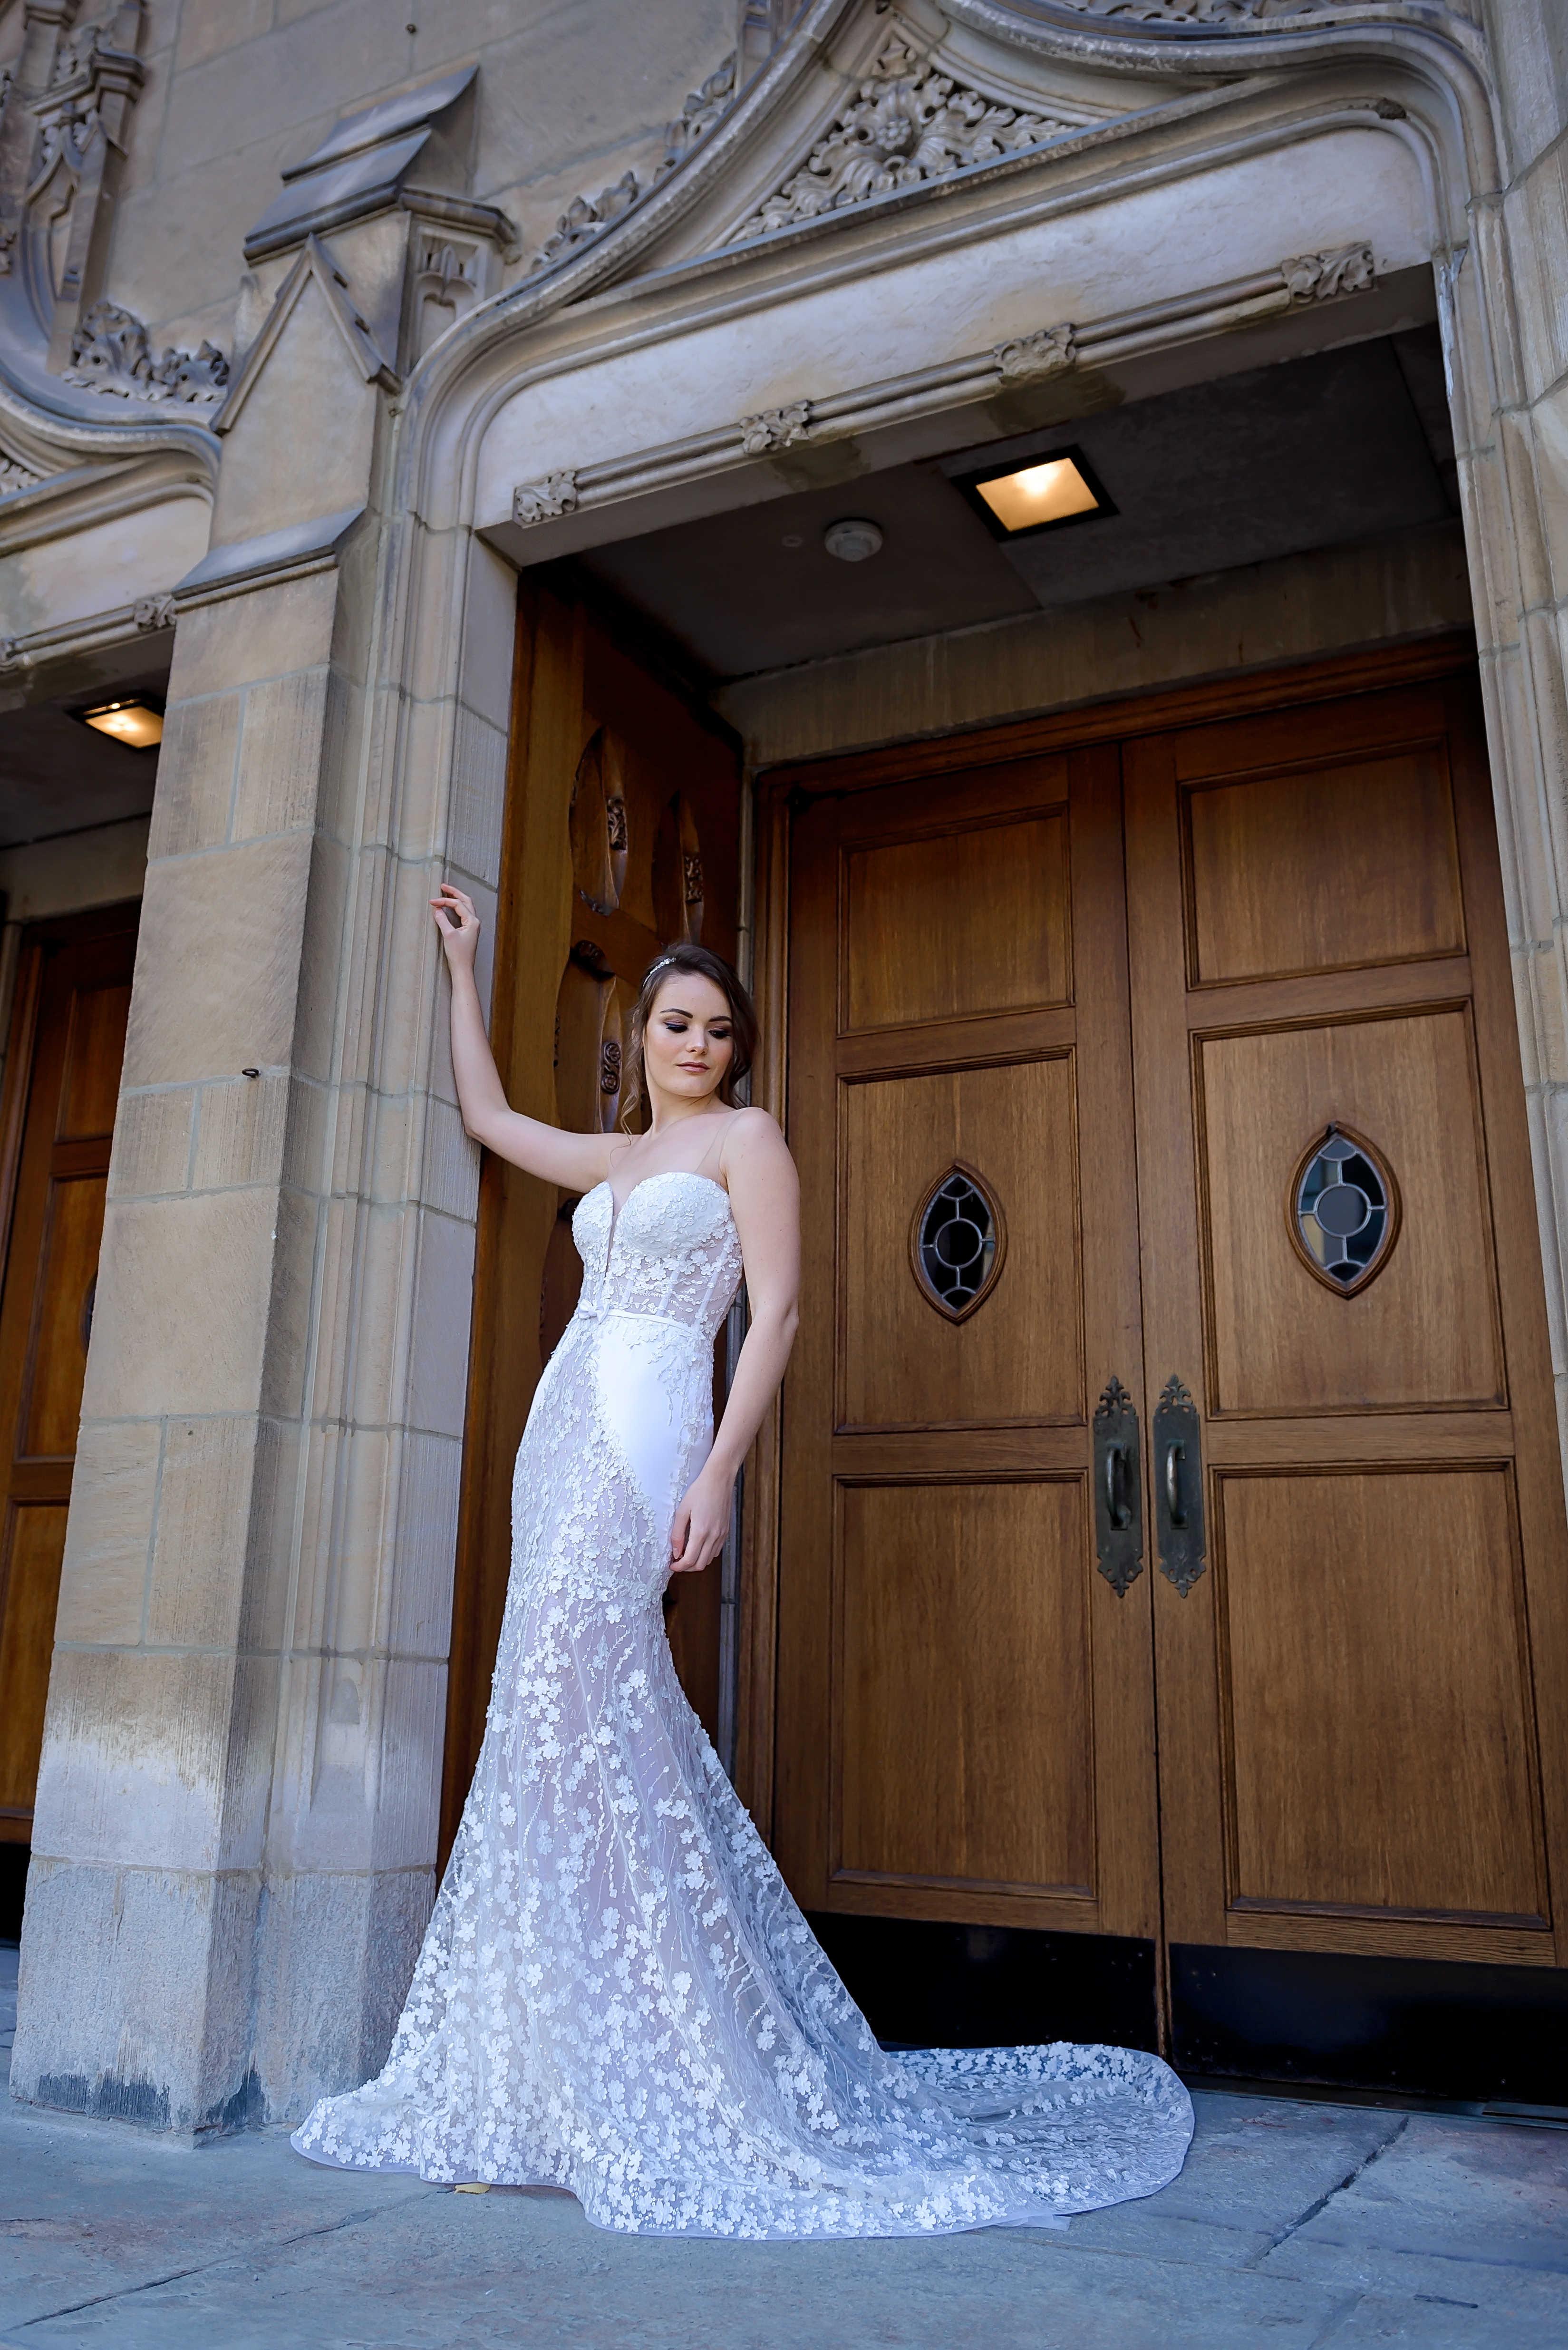 robe sirene boutique robes de mariee montreal robe en soie robe de mariee avec corset